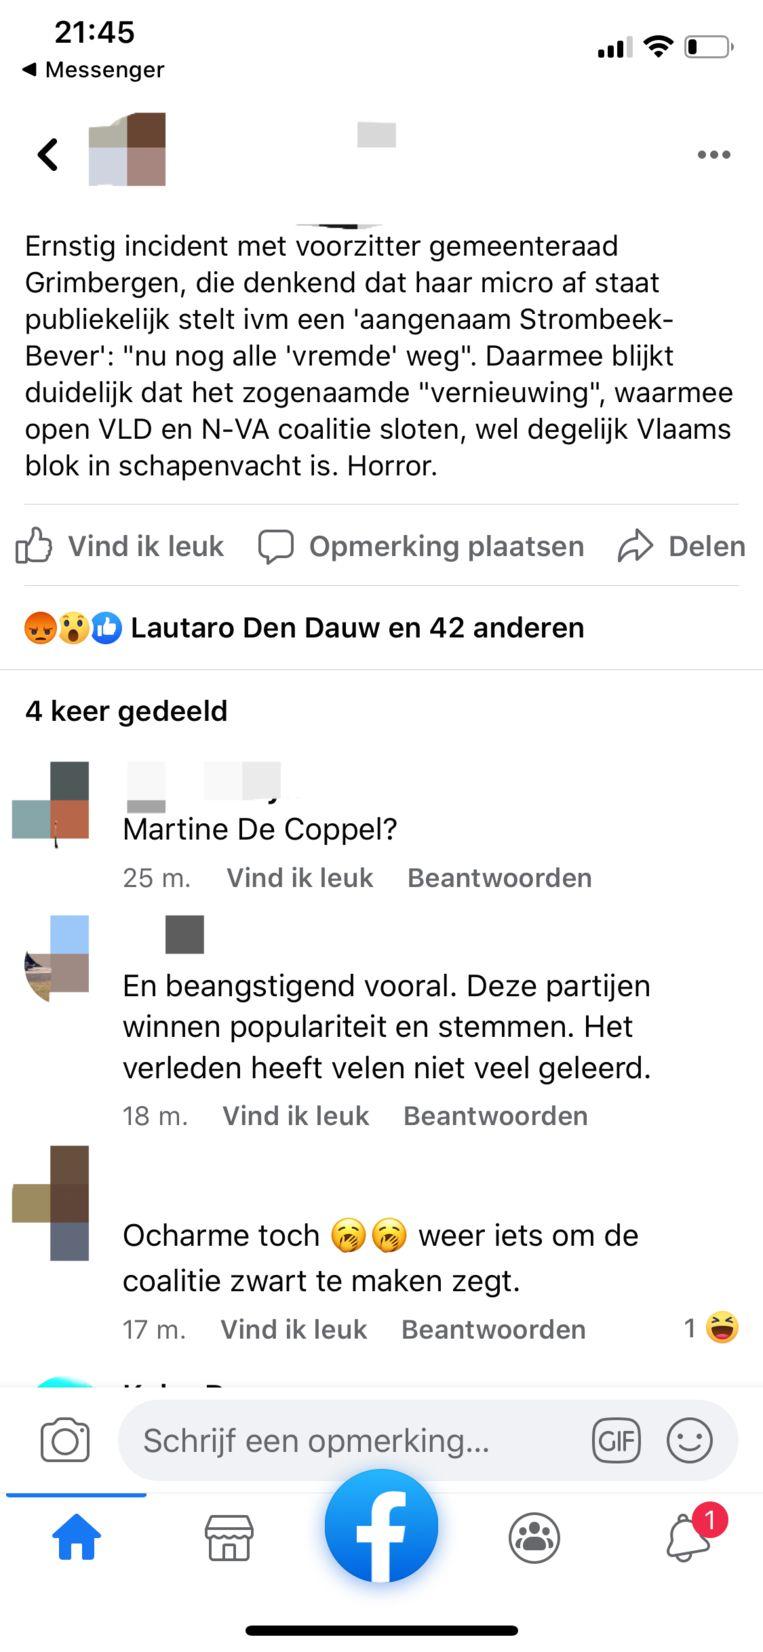 Op Facebook werd meteen gereageerd op de uitspraak van Martine De Coppel.